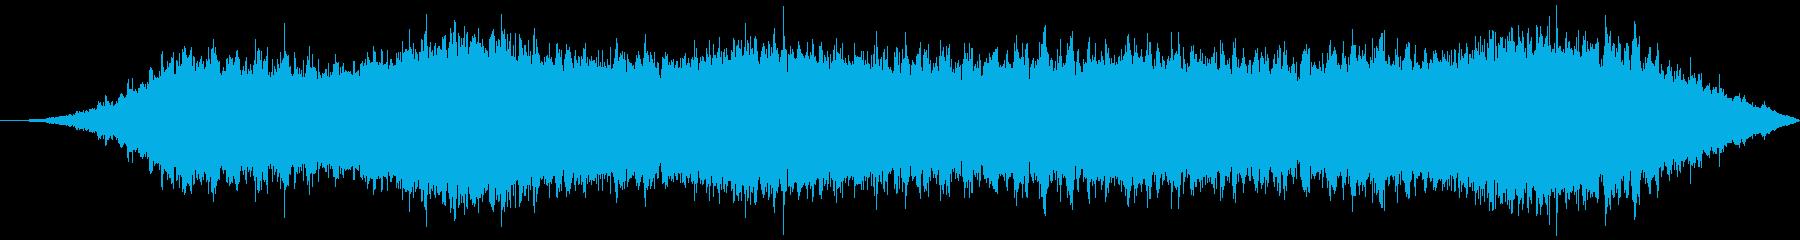 無線通信干渉、厚い静的および文字化けの再生済みの波形